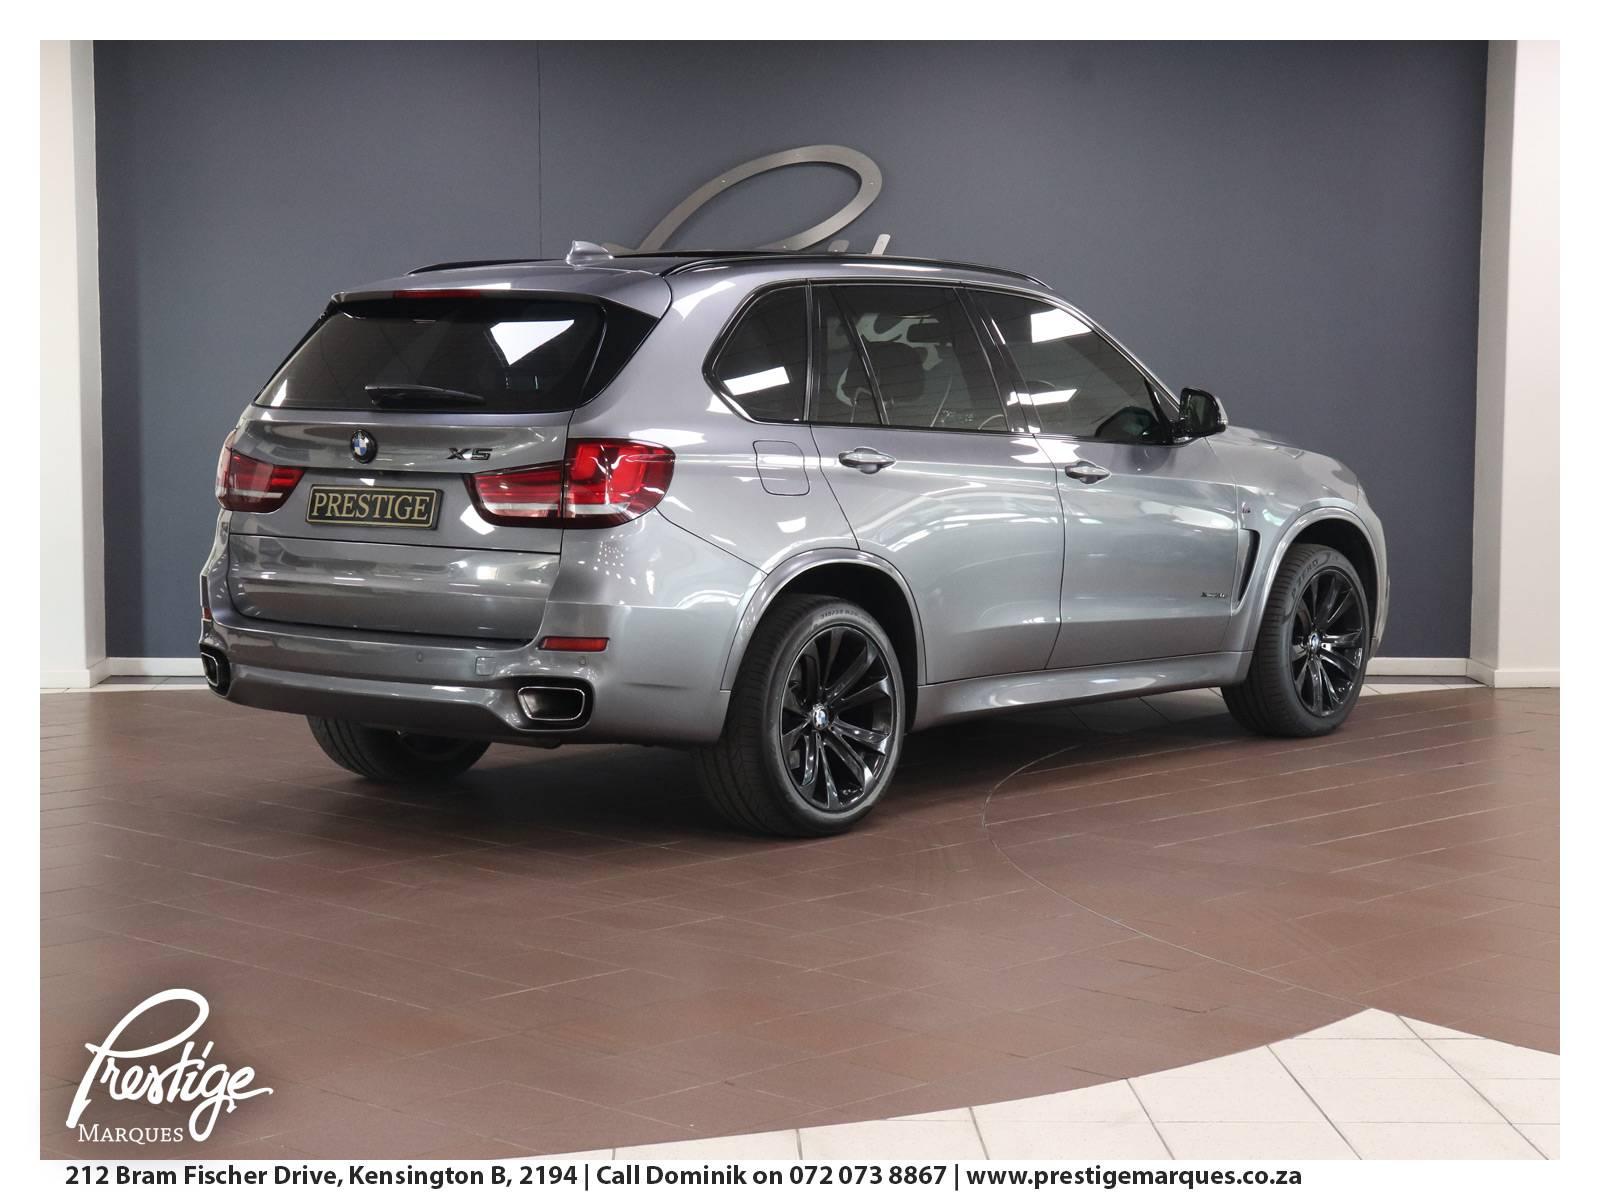 2015-BMW-X5-30d-M-Sport-X-drive-Prestige-Marques-3